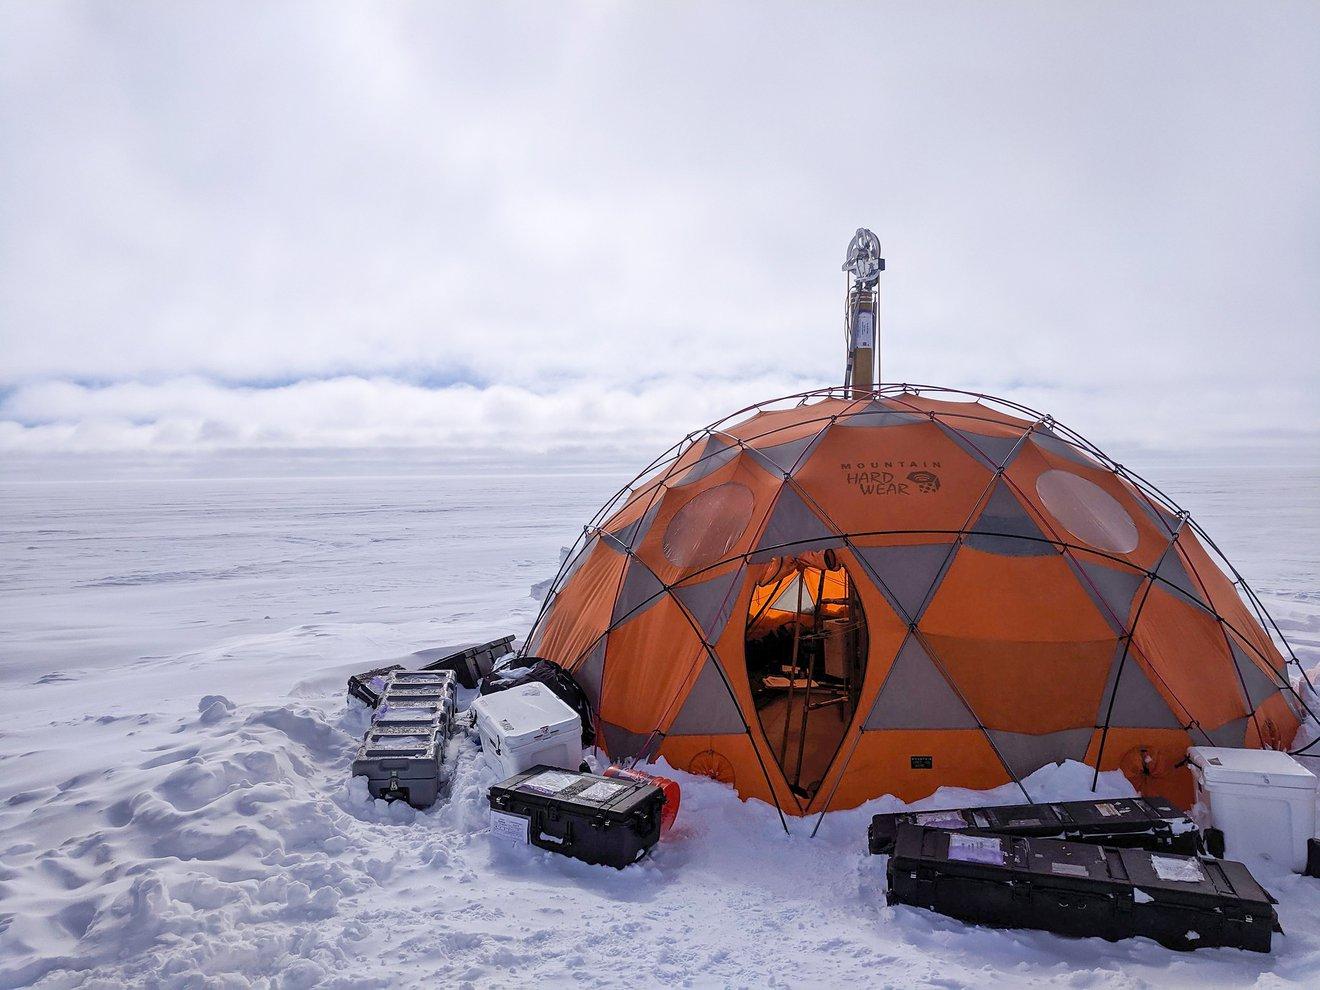 Buscando vida en las cortezas heladas de mundos oceánicos